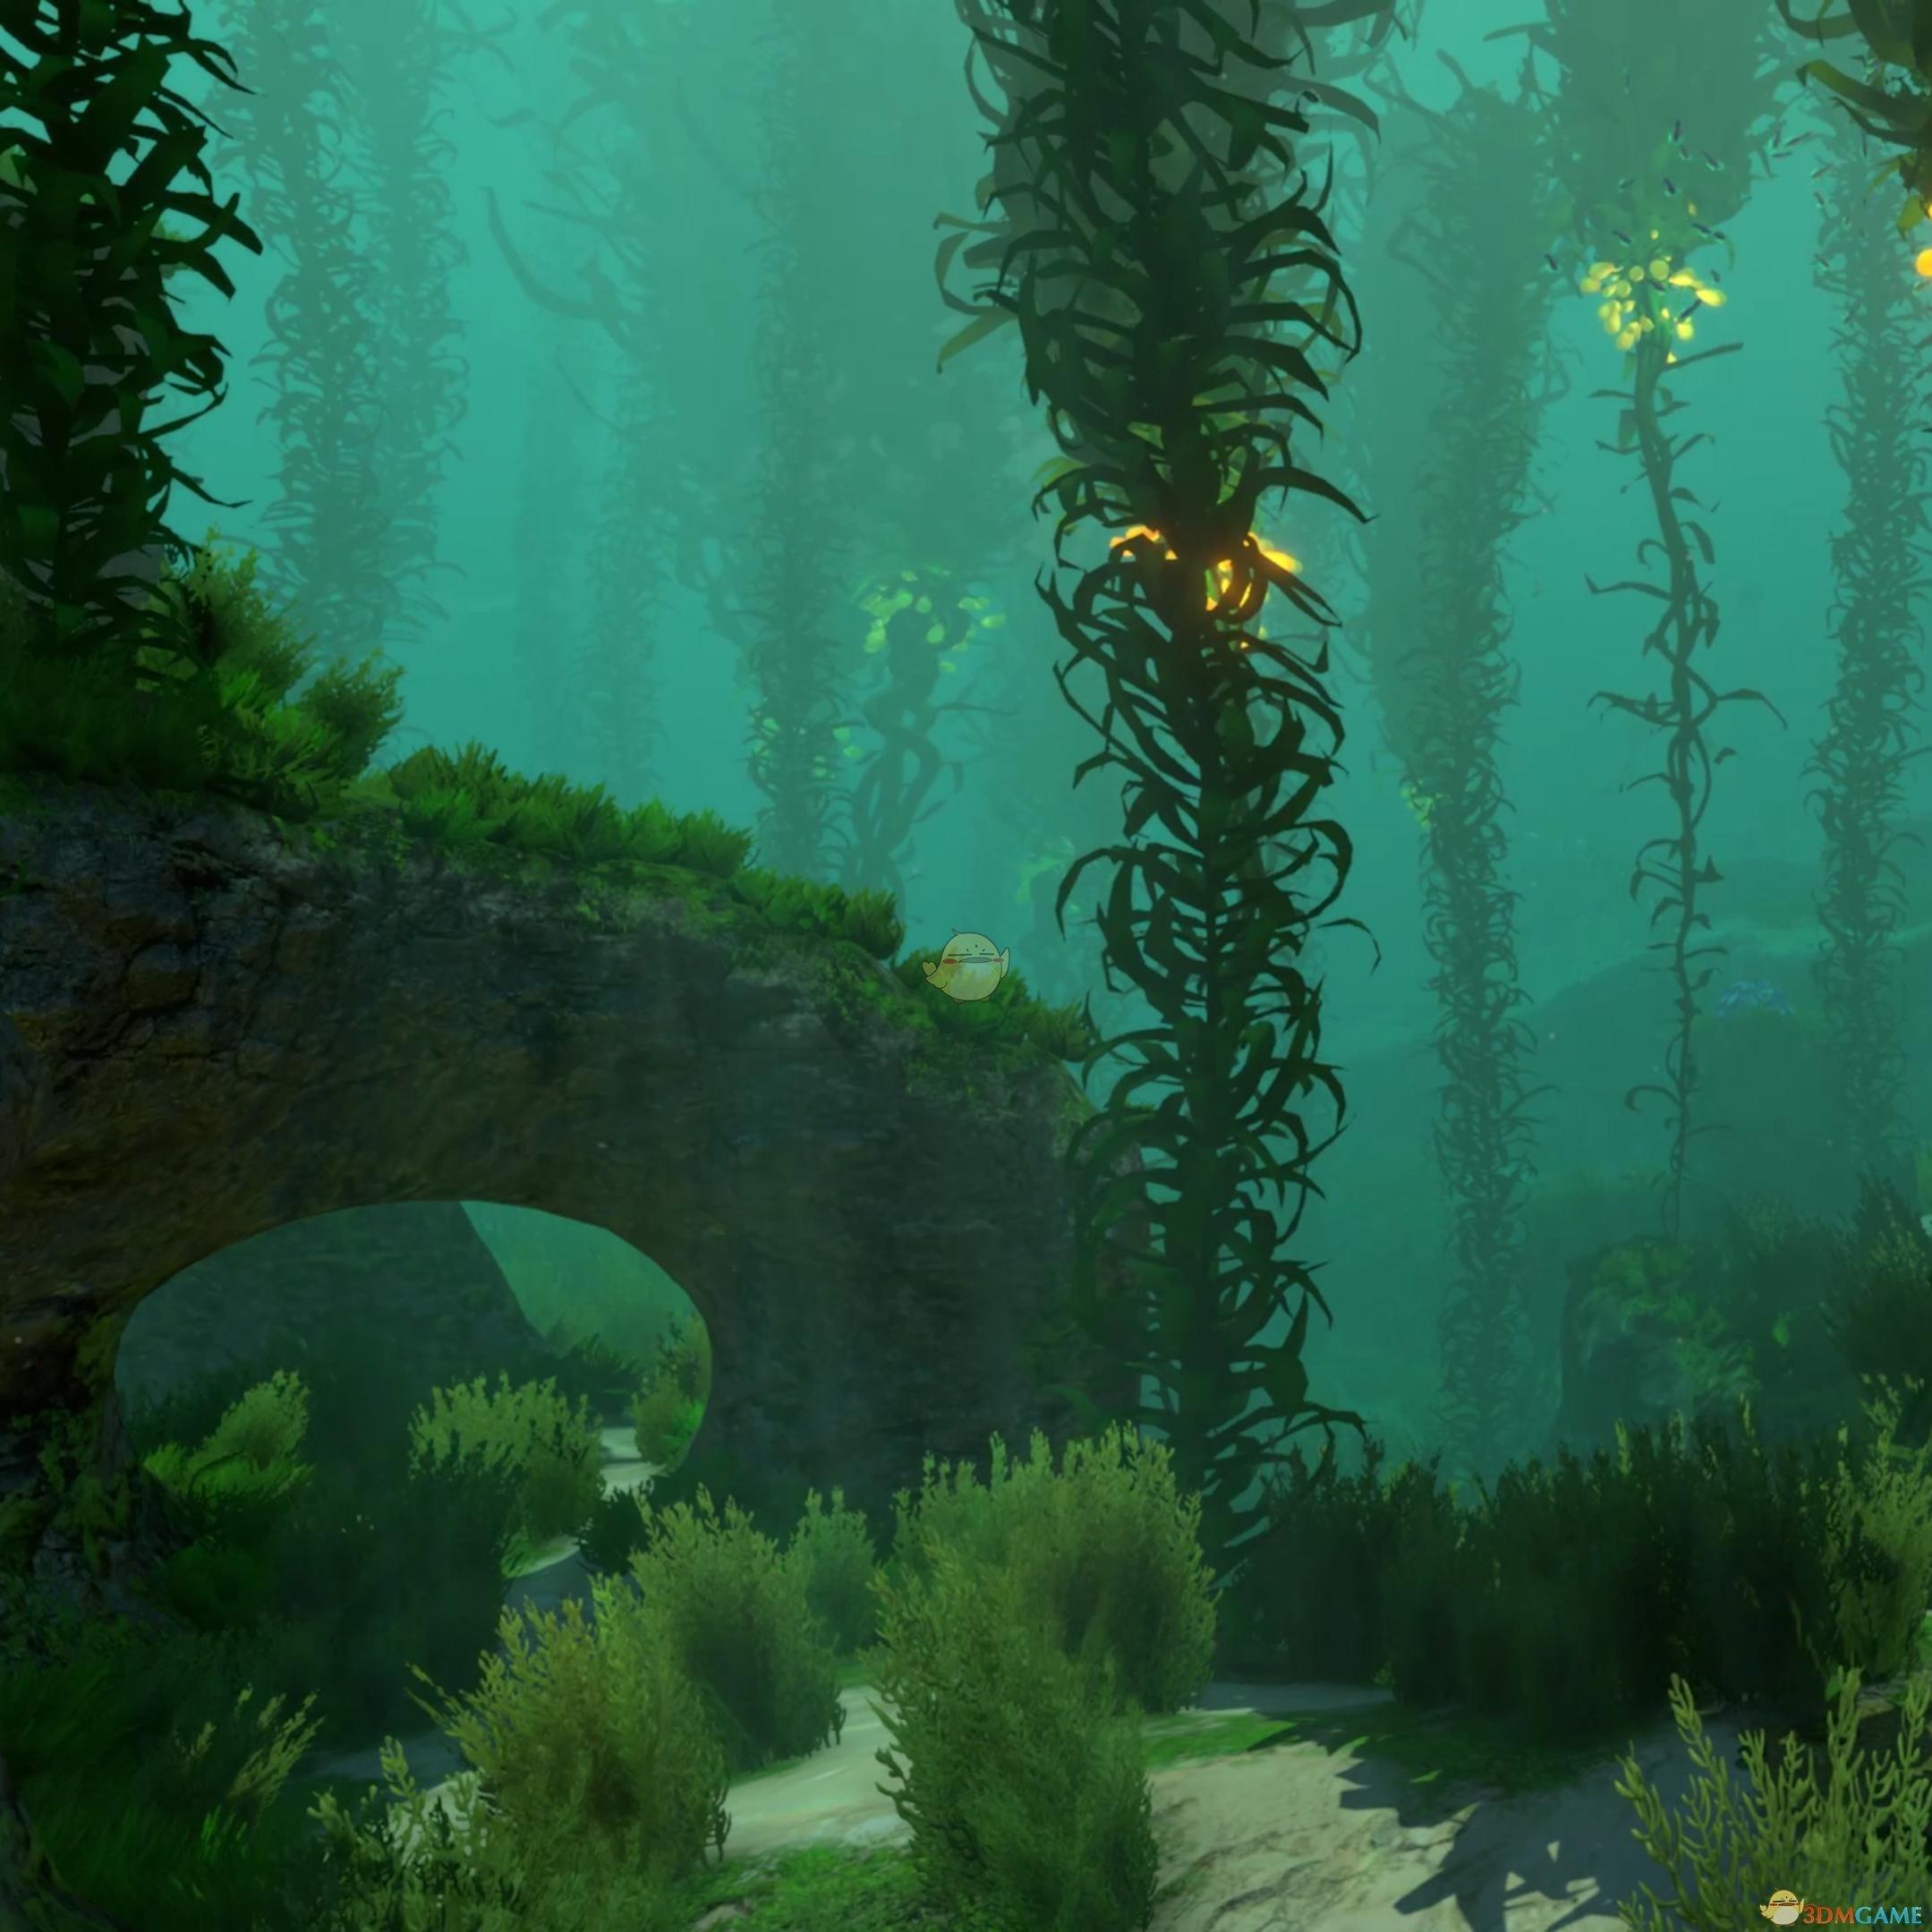 美丽水世界水下藤蔓动态壁纸下载 Wallpaper深海迷航壁纸下载 3dm单机